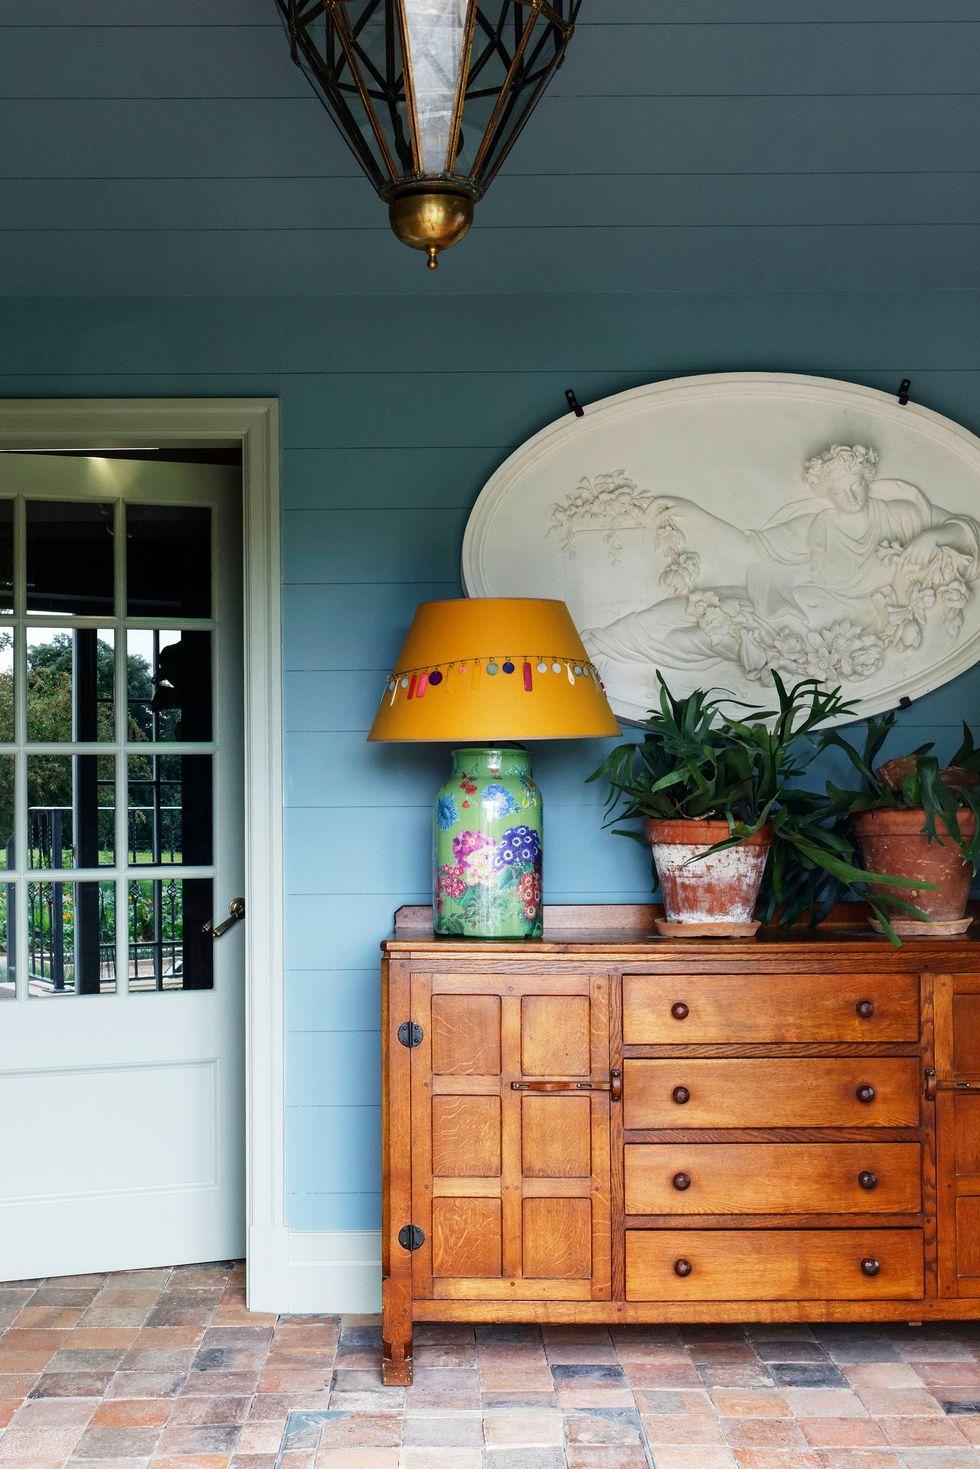 Hoặc chỉ cất chúng trong tủ đựng quần áo Tủ đồ cổ trên hiên nhà là nơi lý tưởng để các tài xế giao hàng cất gói đồ đạc. Nicola Harding đã đối xử với cái này như thể nó ở trong một tiền sảnh lớn, tô điểm nó bằng cây cối, tác phẩm nghệ thuật và ánh sáng.